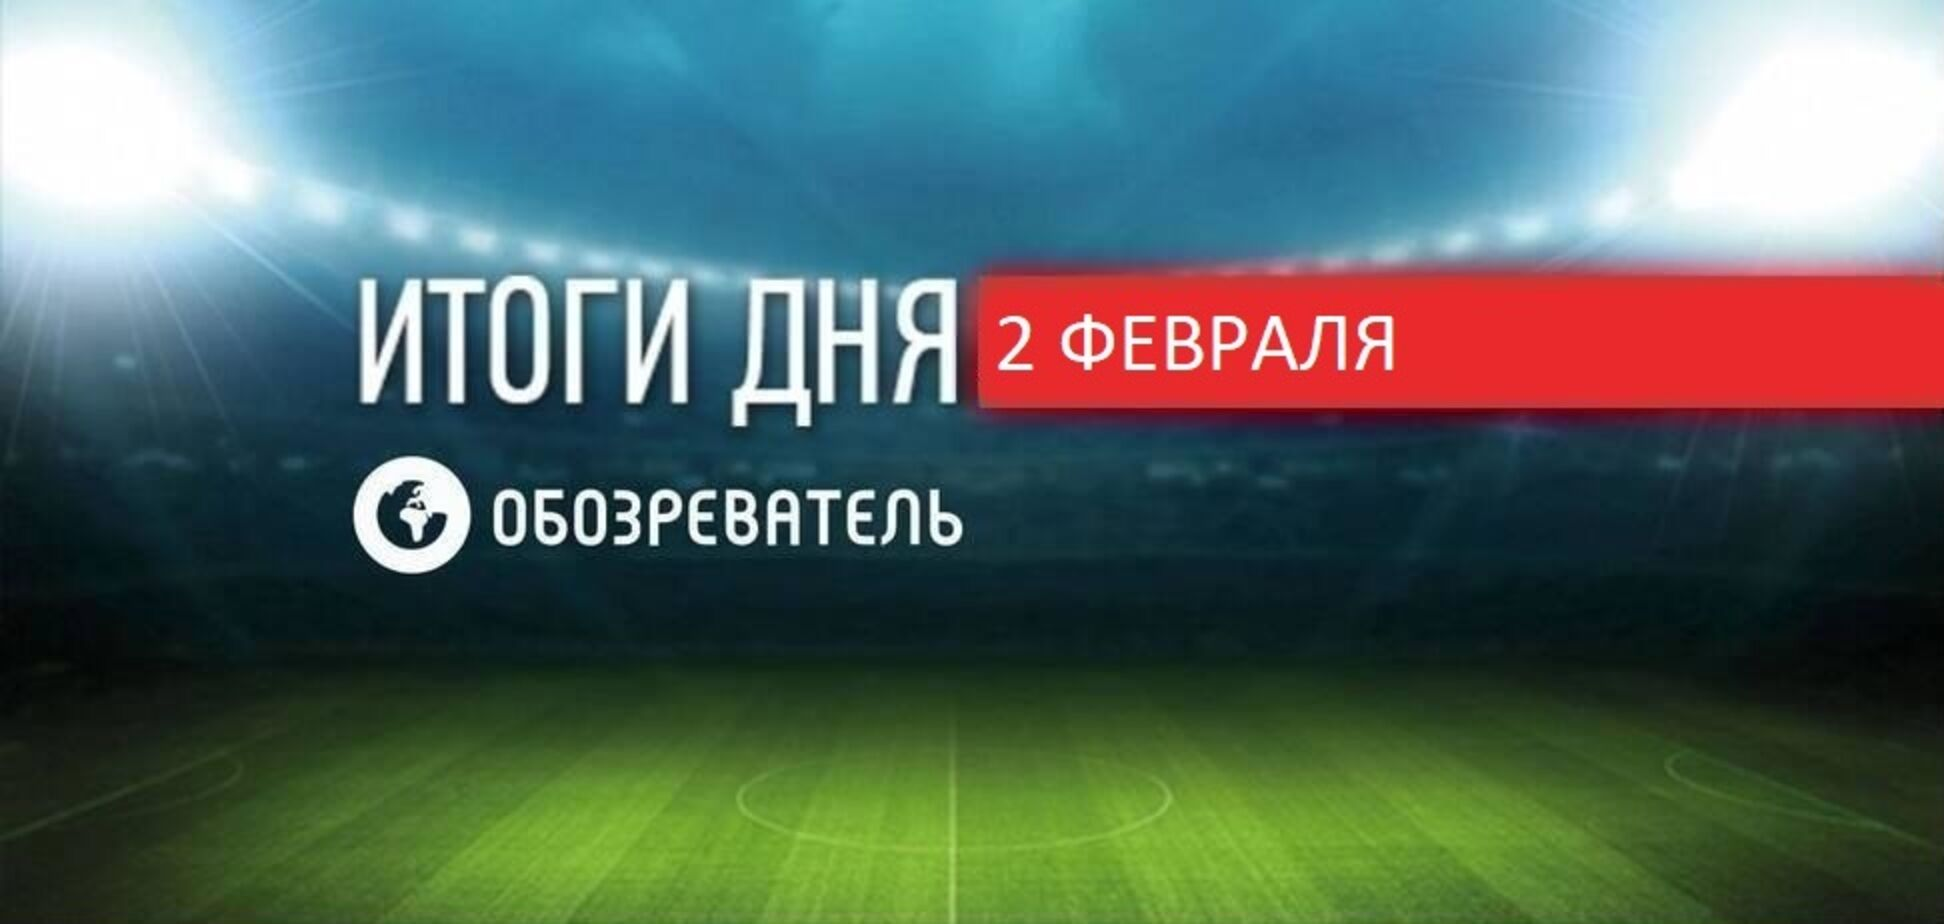 Украинская легкоатлетка установила мировой рекорд: спортивные итоги 2 февраля